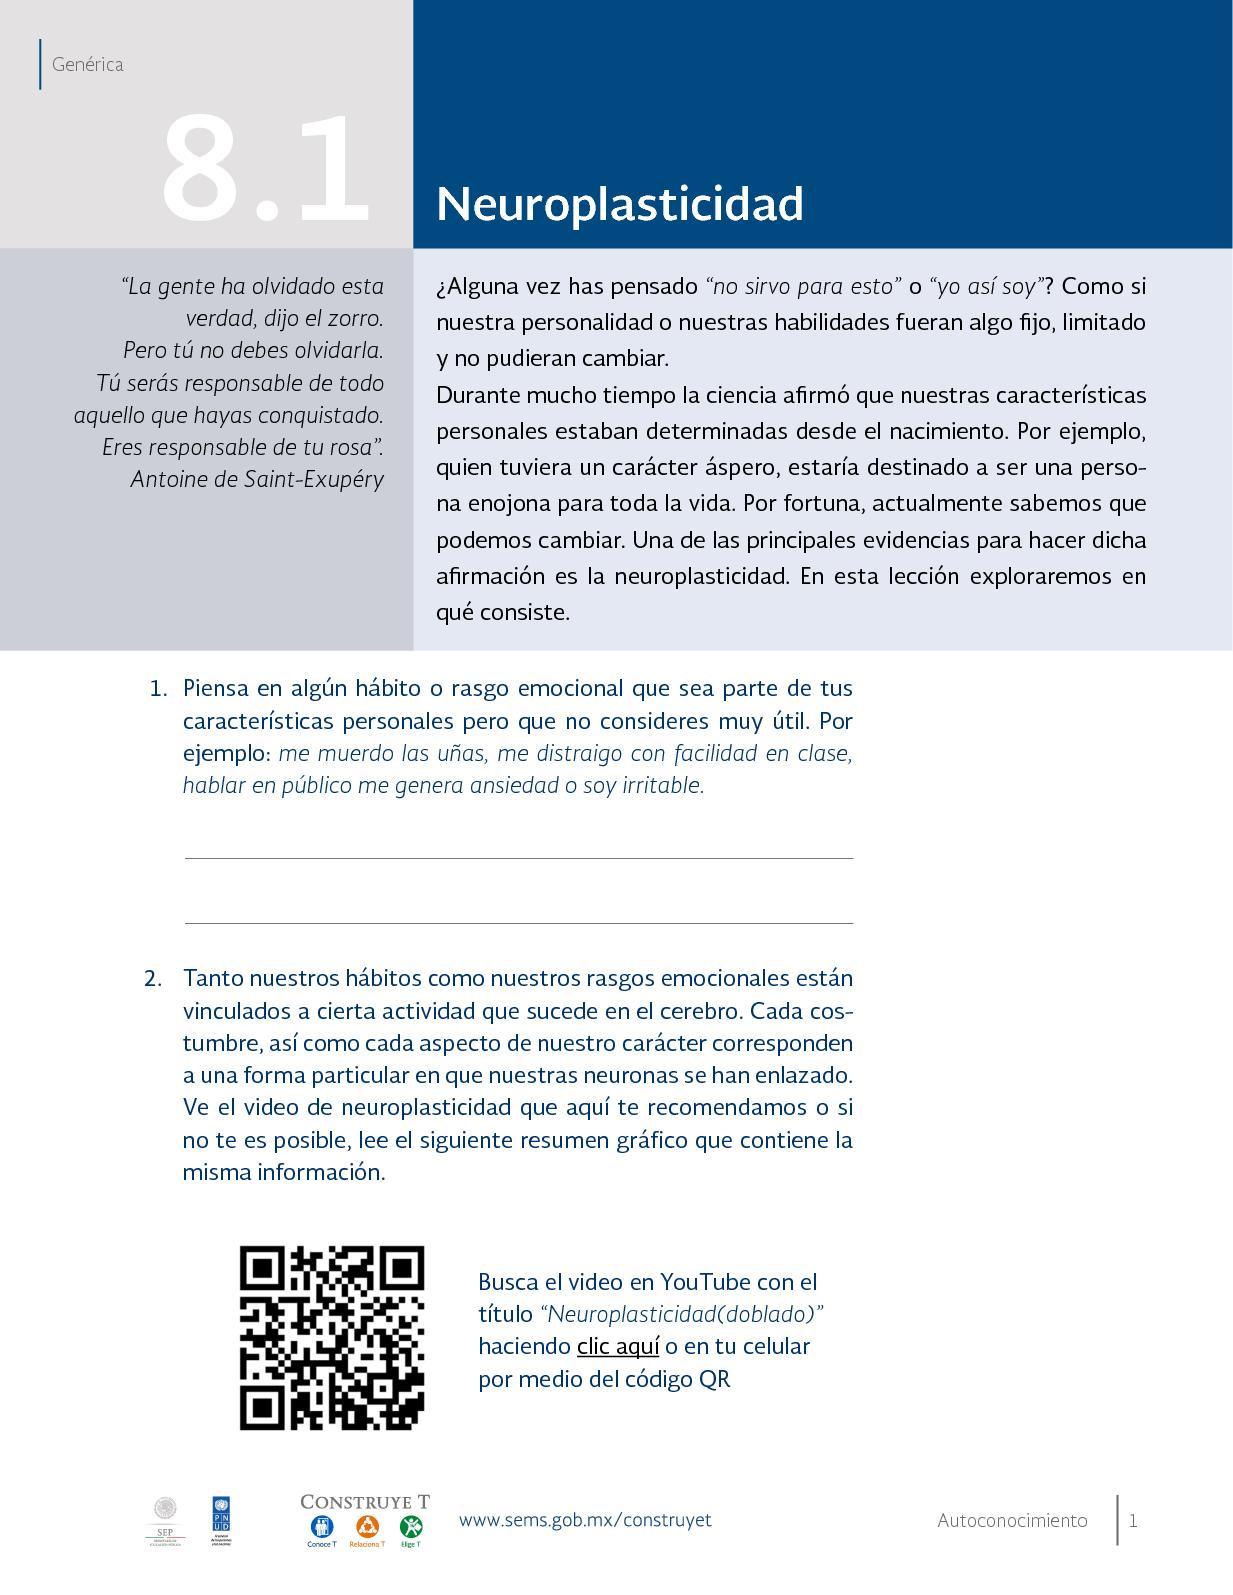 Cuadernillo Generica Para Estudiante Calameo Downloader